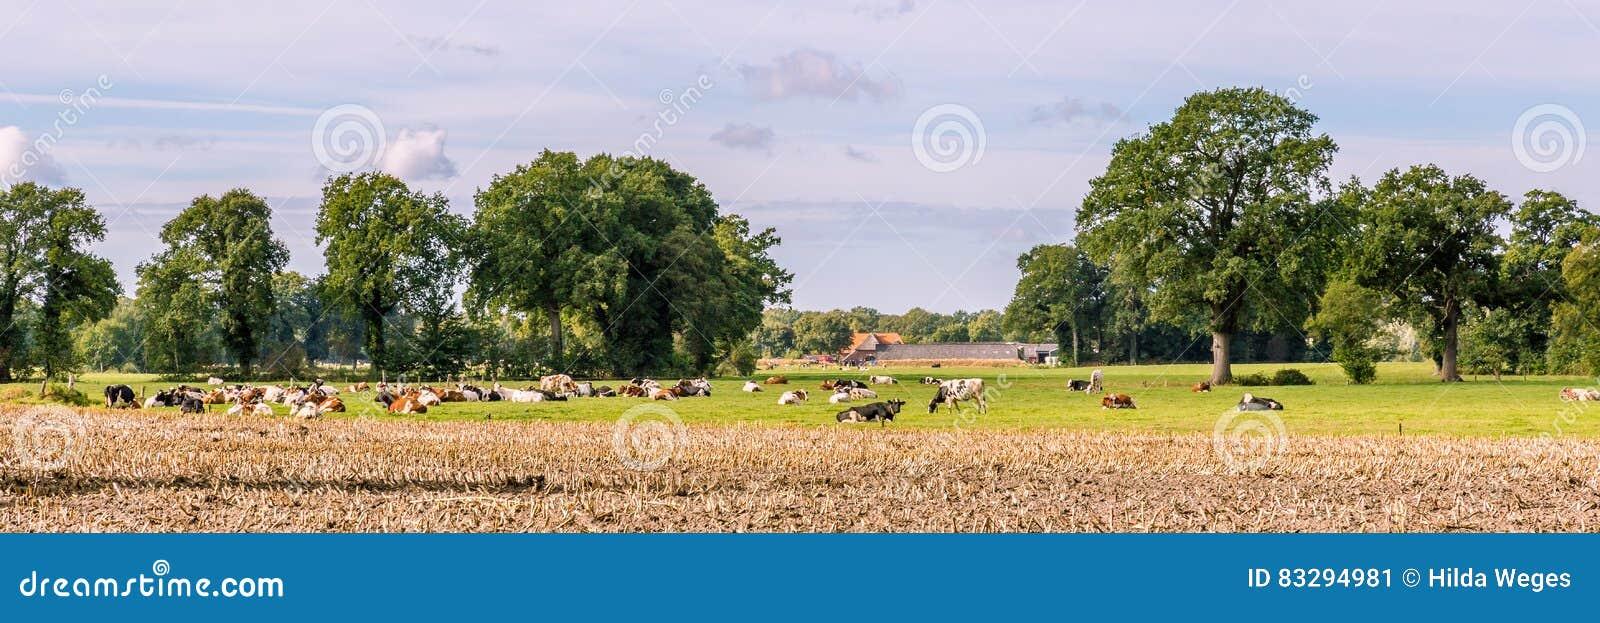 ολλανδικό τοπίο χαρακτηριστικό